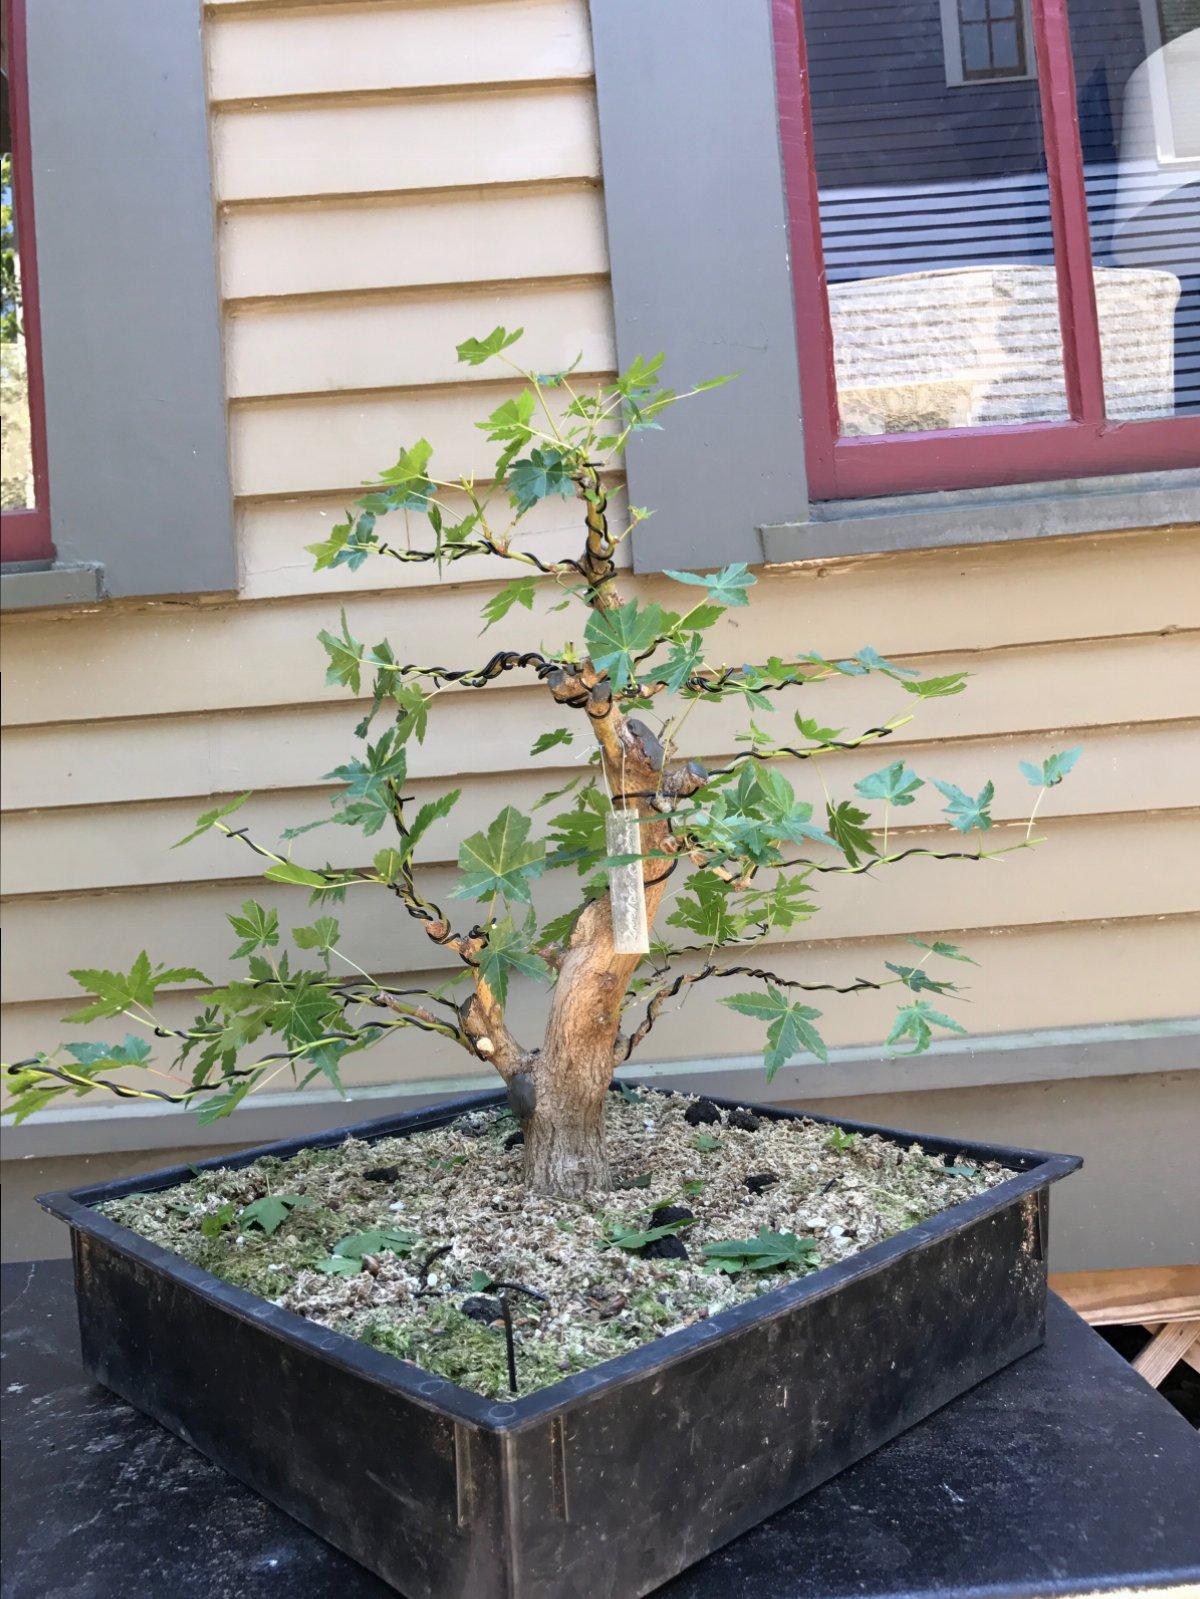 Surprising Developing Bonsai Maple Branches Spring Work Growing Bonsai Wiring 101 Ferenstreekradiomeanderfmnl